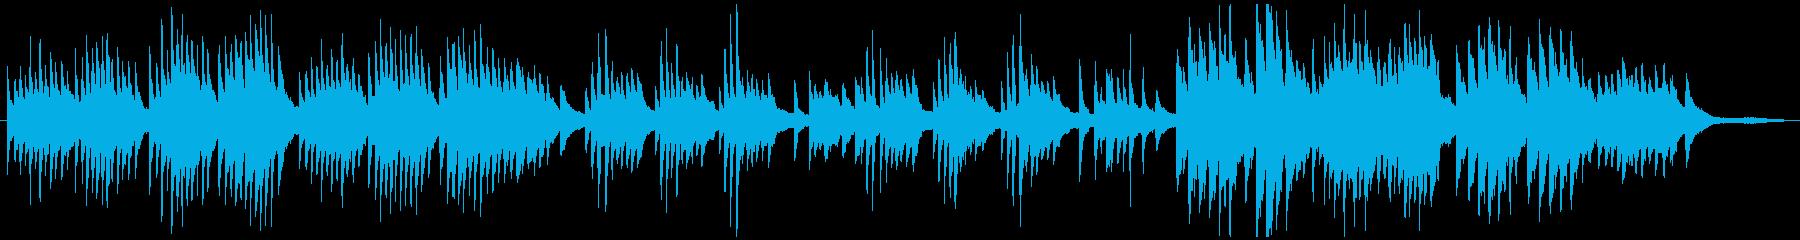 悲しく切ない、ゆったりとしたピアノ曲の再生済みの波形